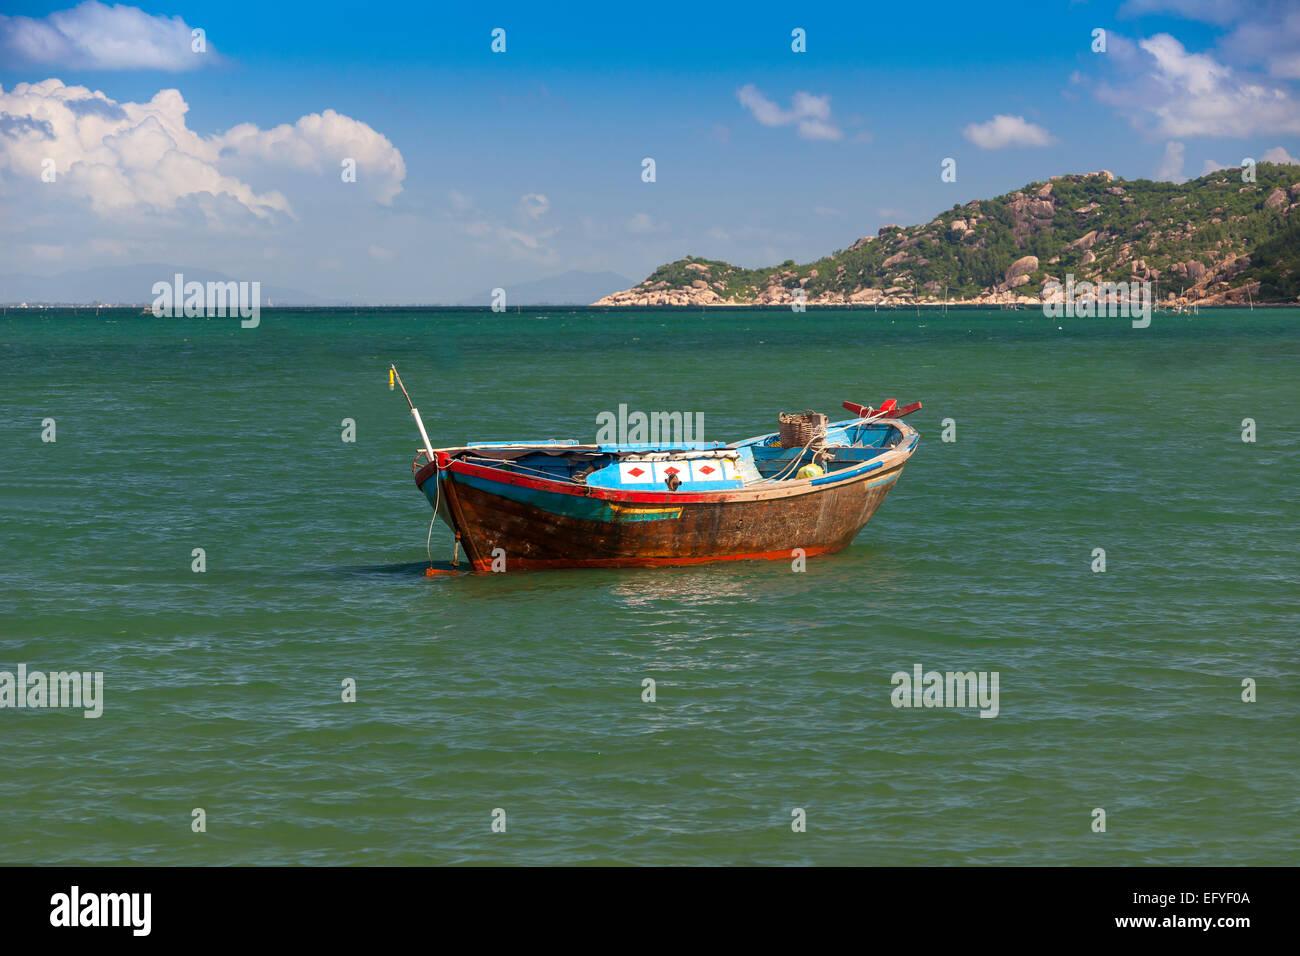 Small fishing boat off the island of Hon Mun, Nha Trang Bay, South China Sea, Nha Trang, Vietnam - Stock Image